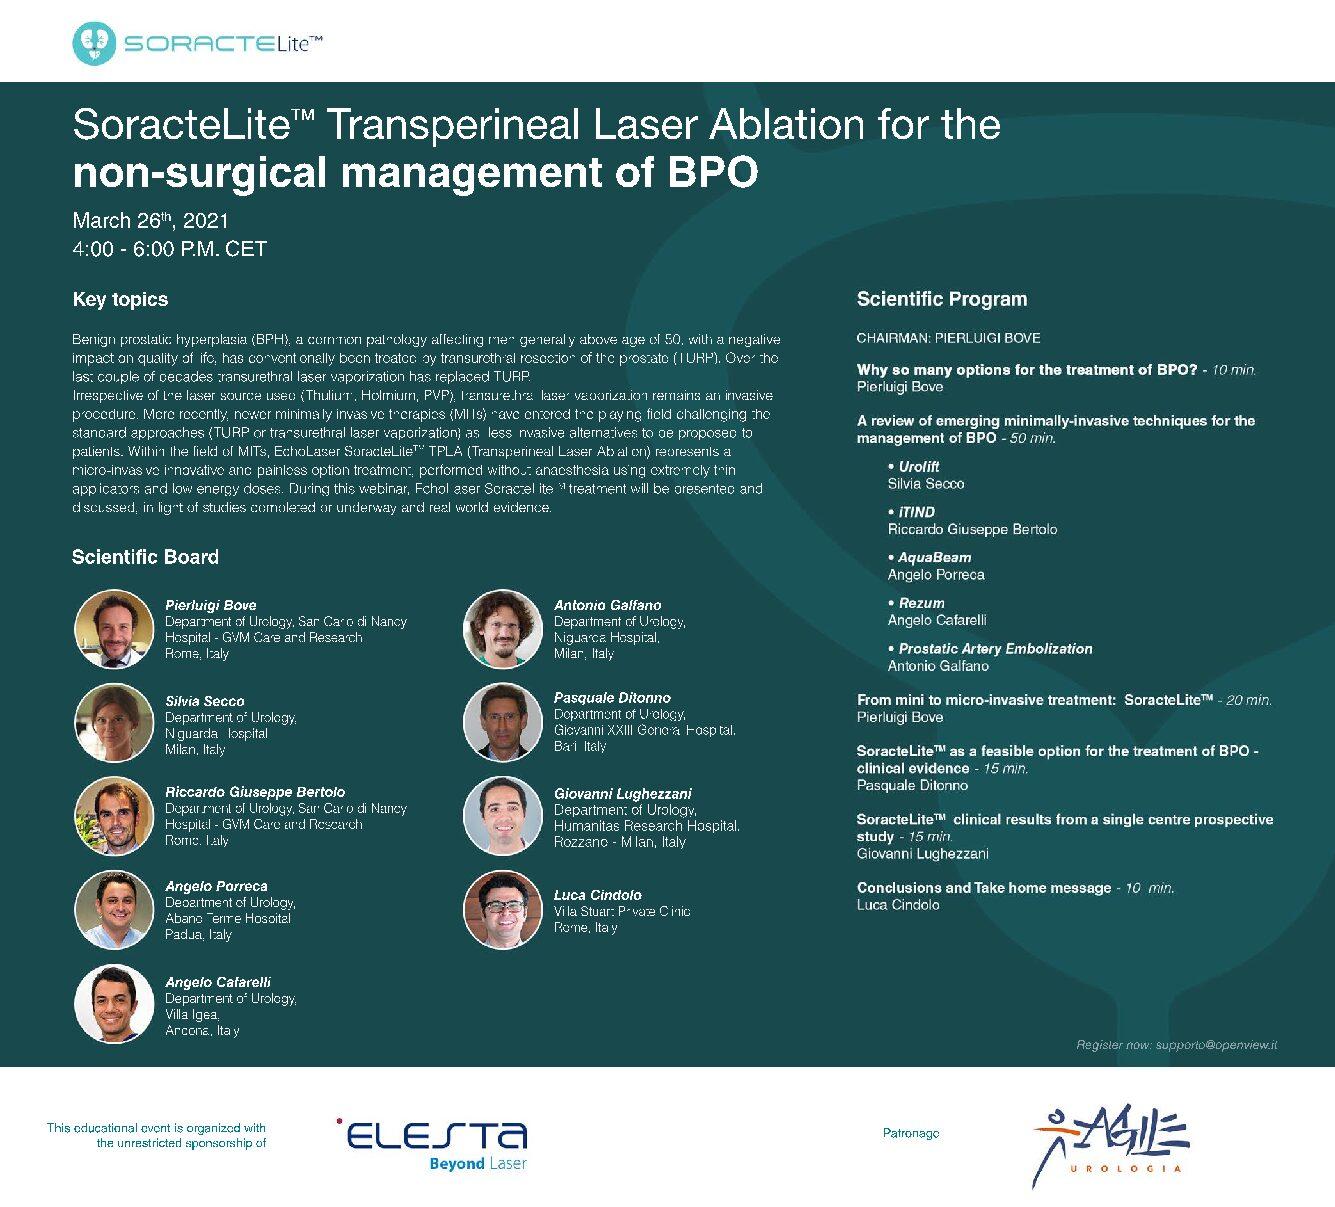 SoracteLite Transperineal Laser Ablation for the management of BPO